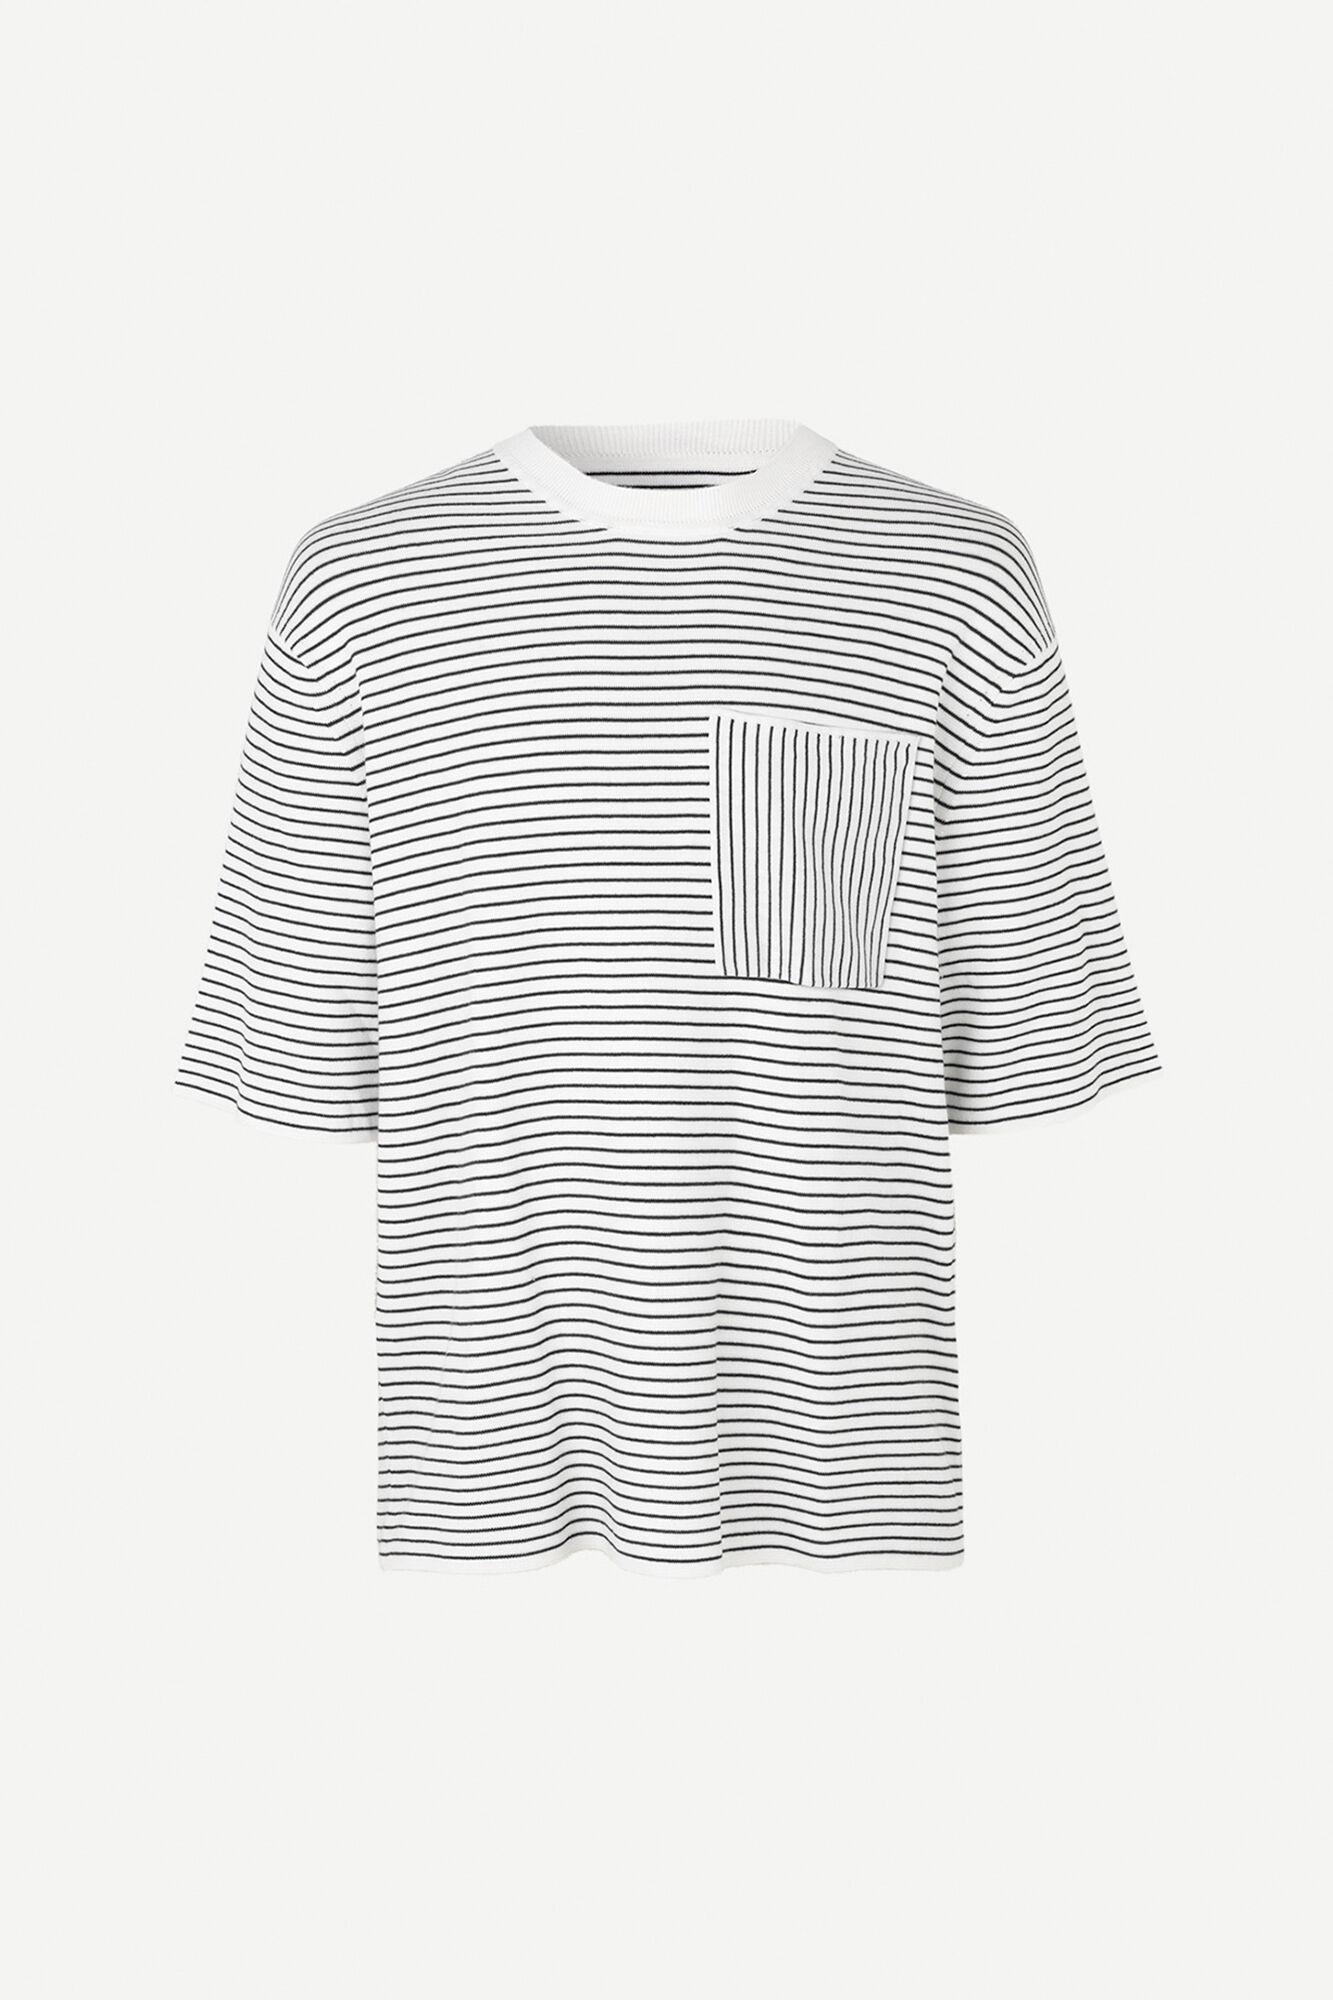 Parma t-shirt st 11422